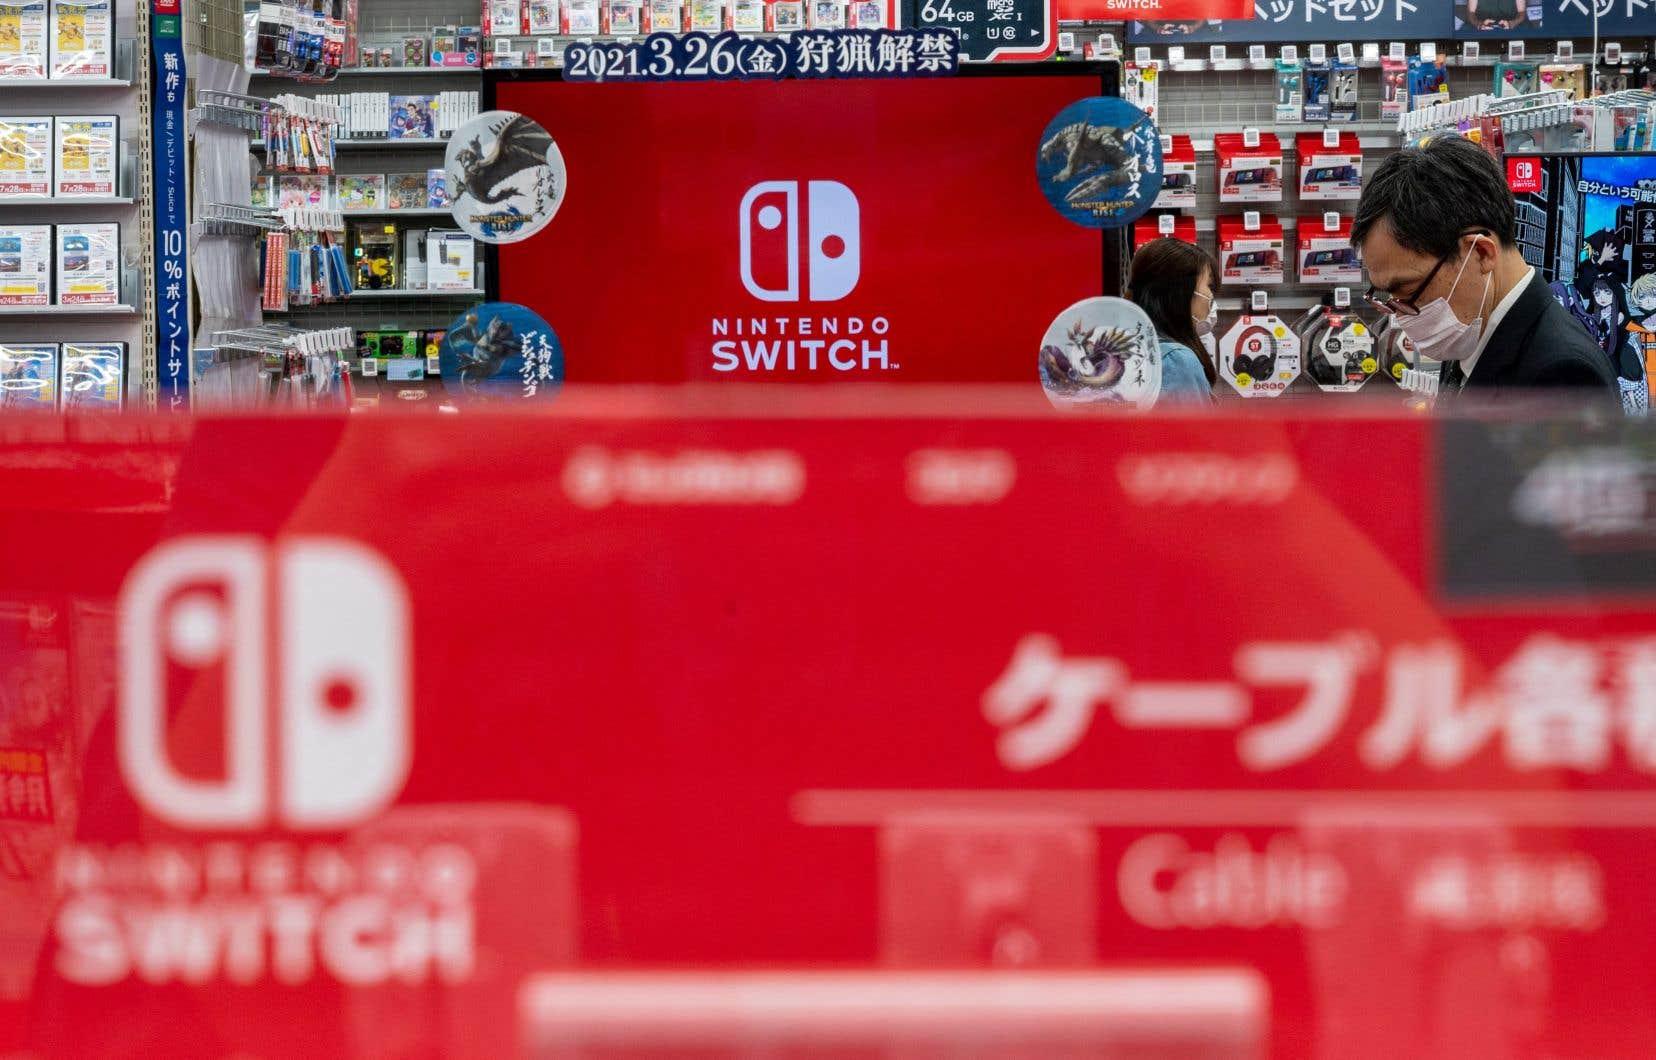 Les fans attendent notamment une nouvelle version plus puissante et offrant de meilleurs graphismes de la Switch.